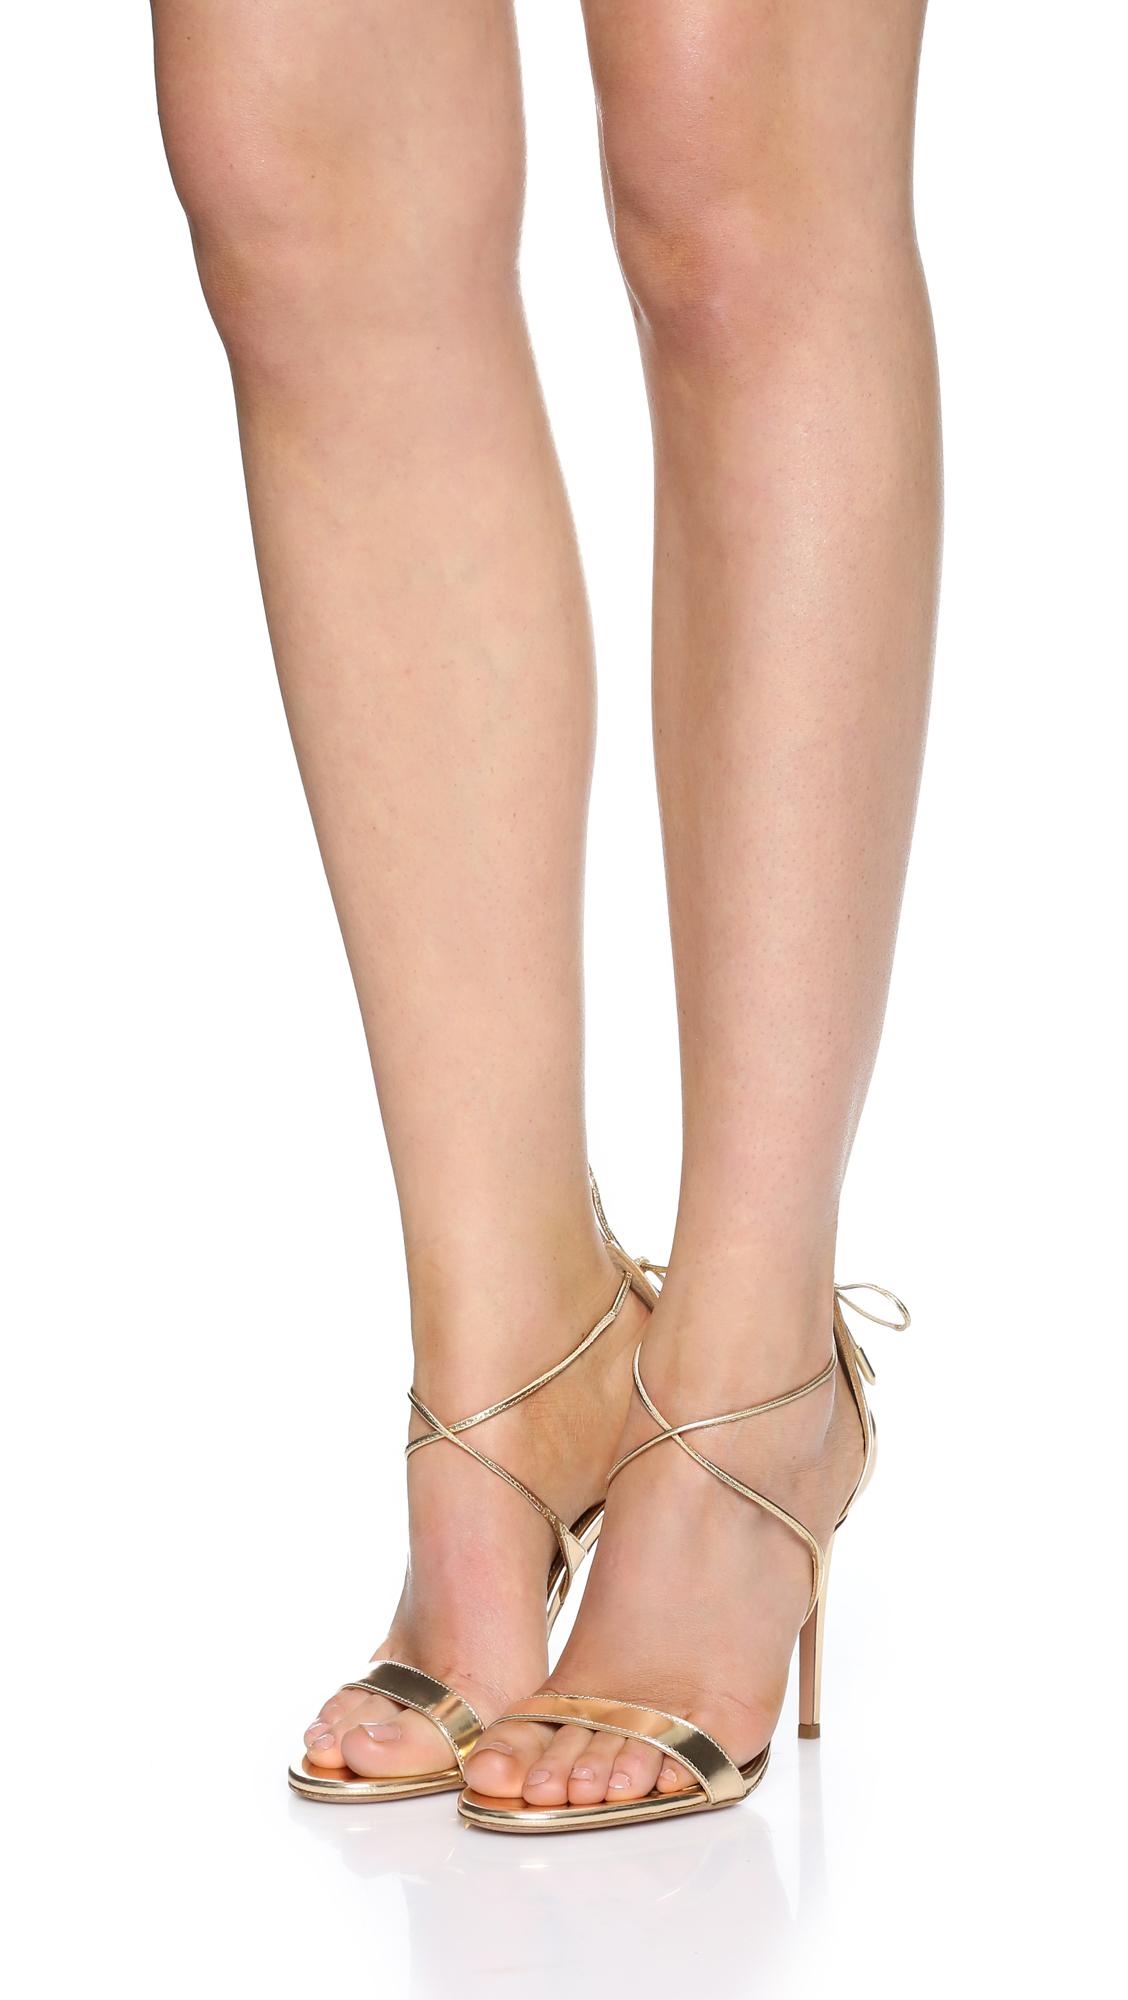 Aquazzura 'Linda' sandals LVgUP